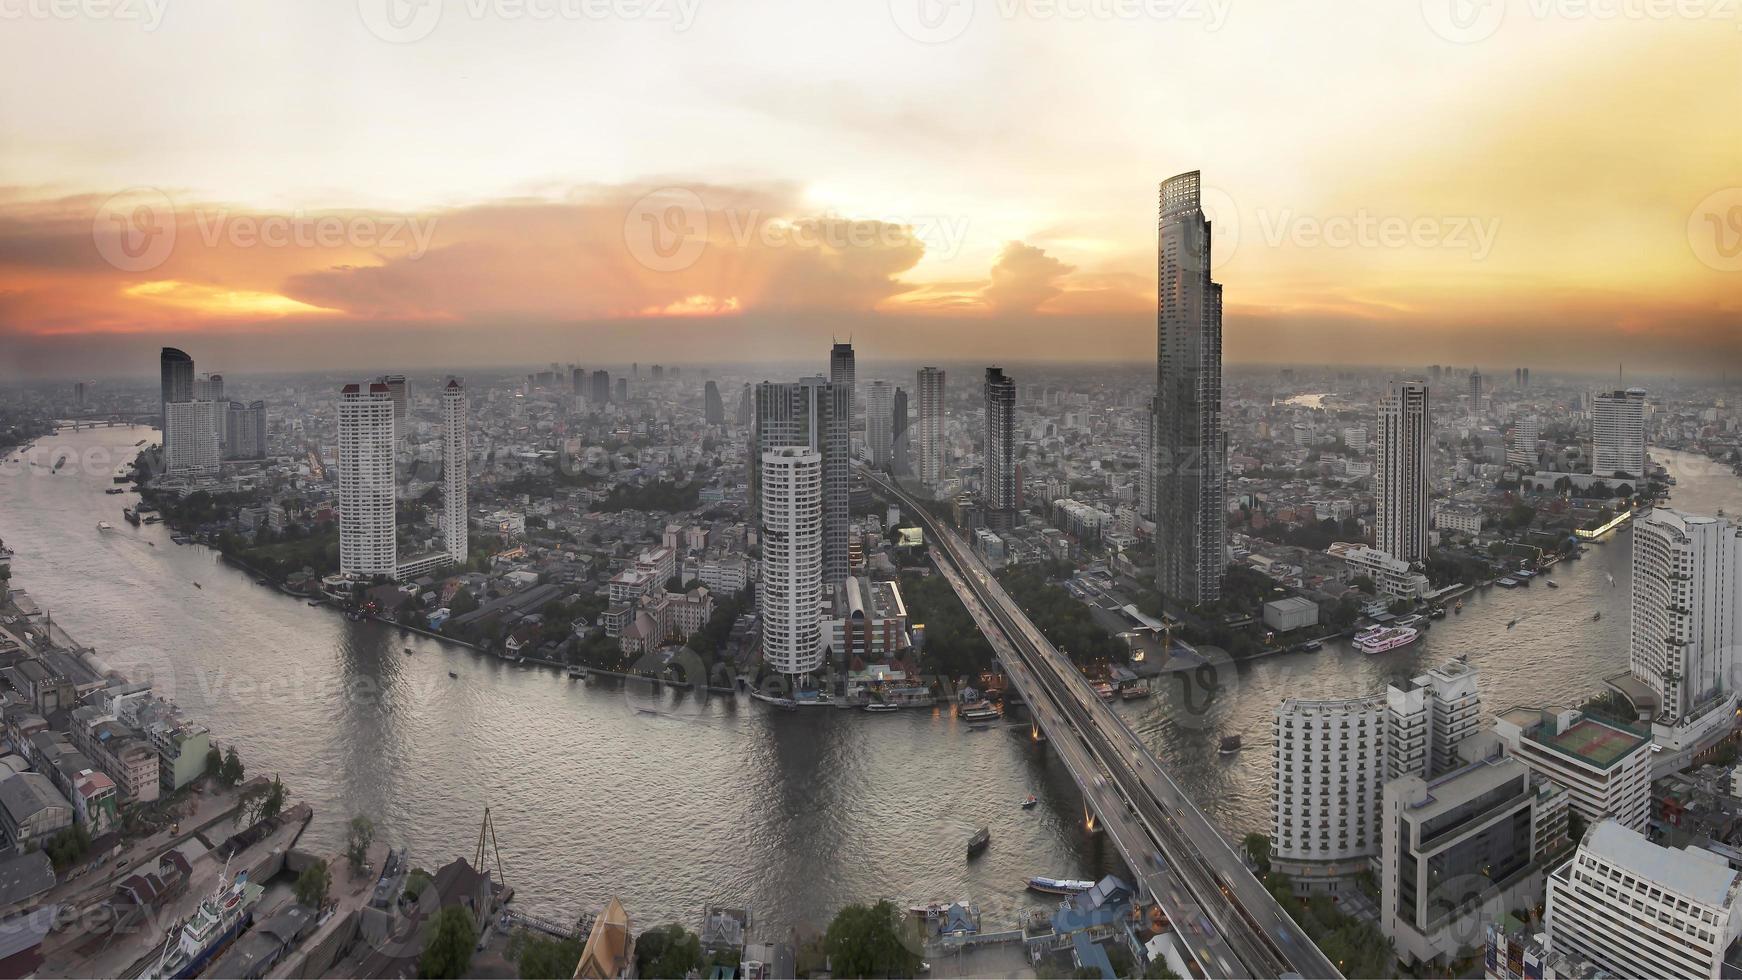 Vista aérea de la noche de Bangkok en los rascacielos del centro. foto